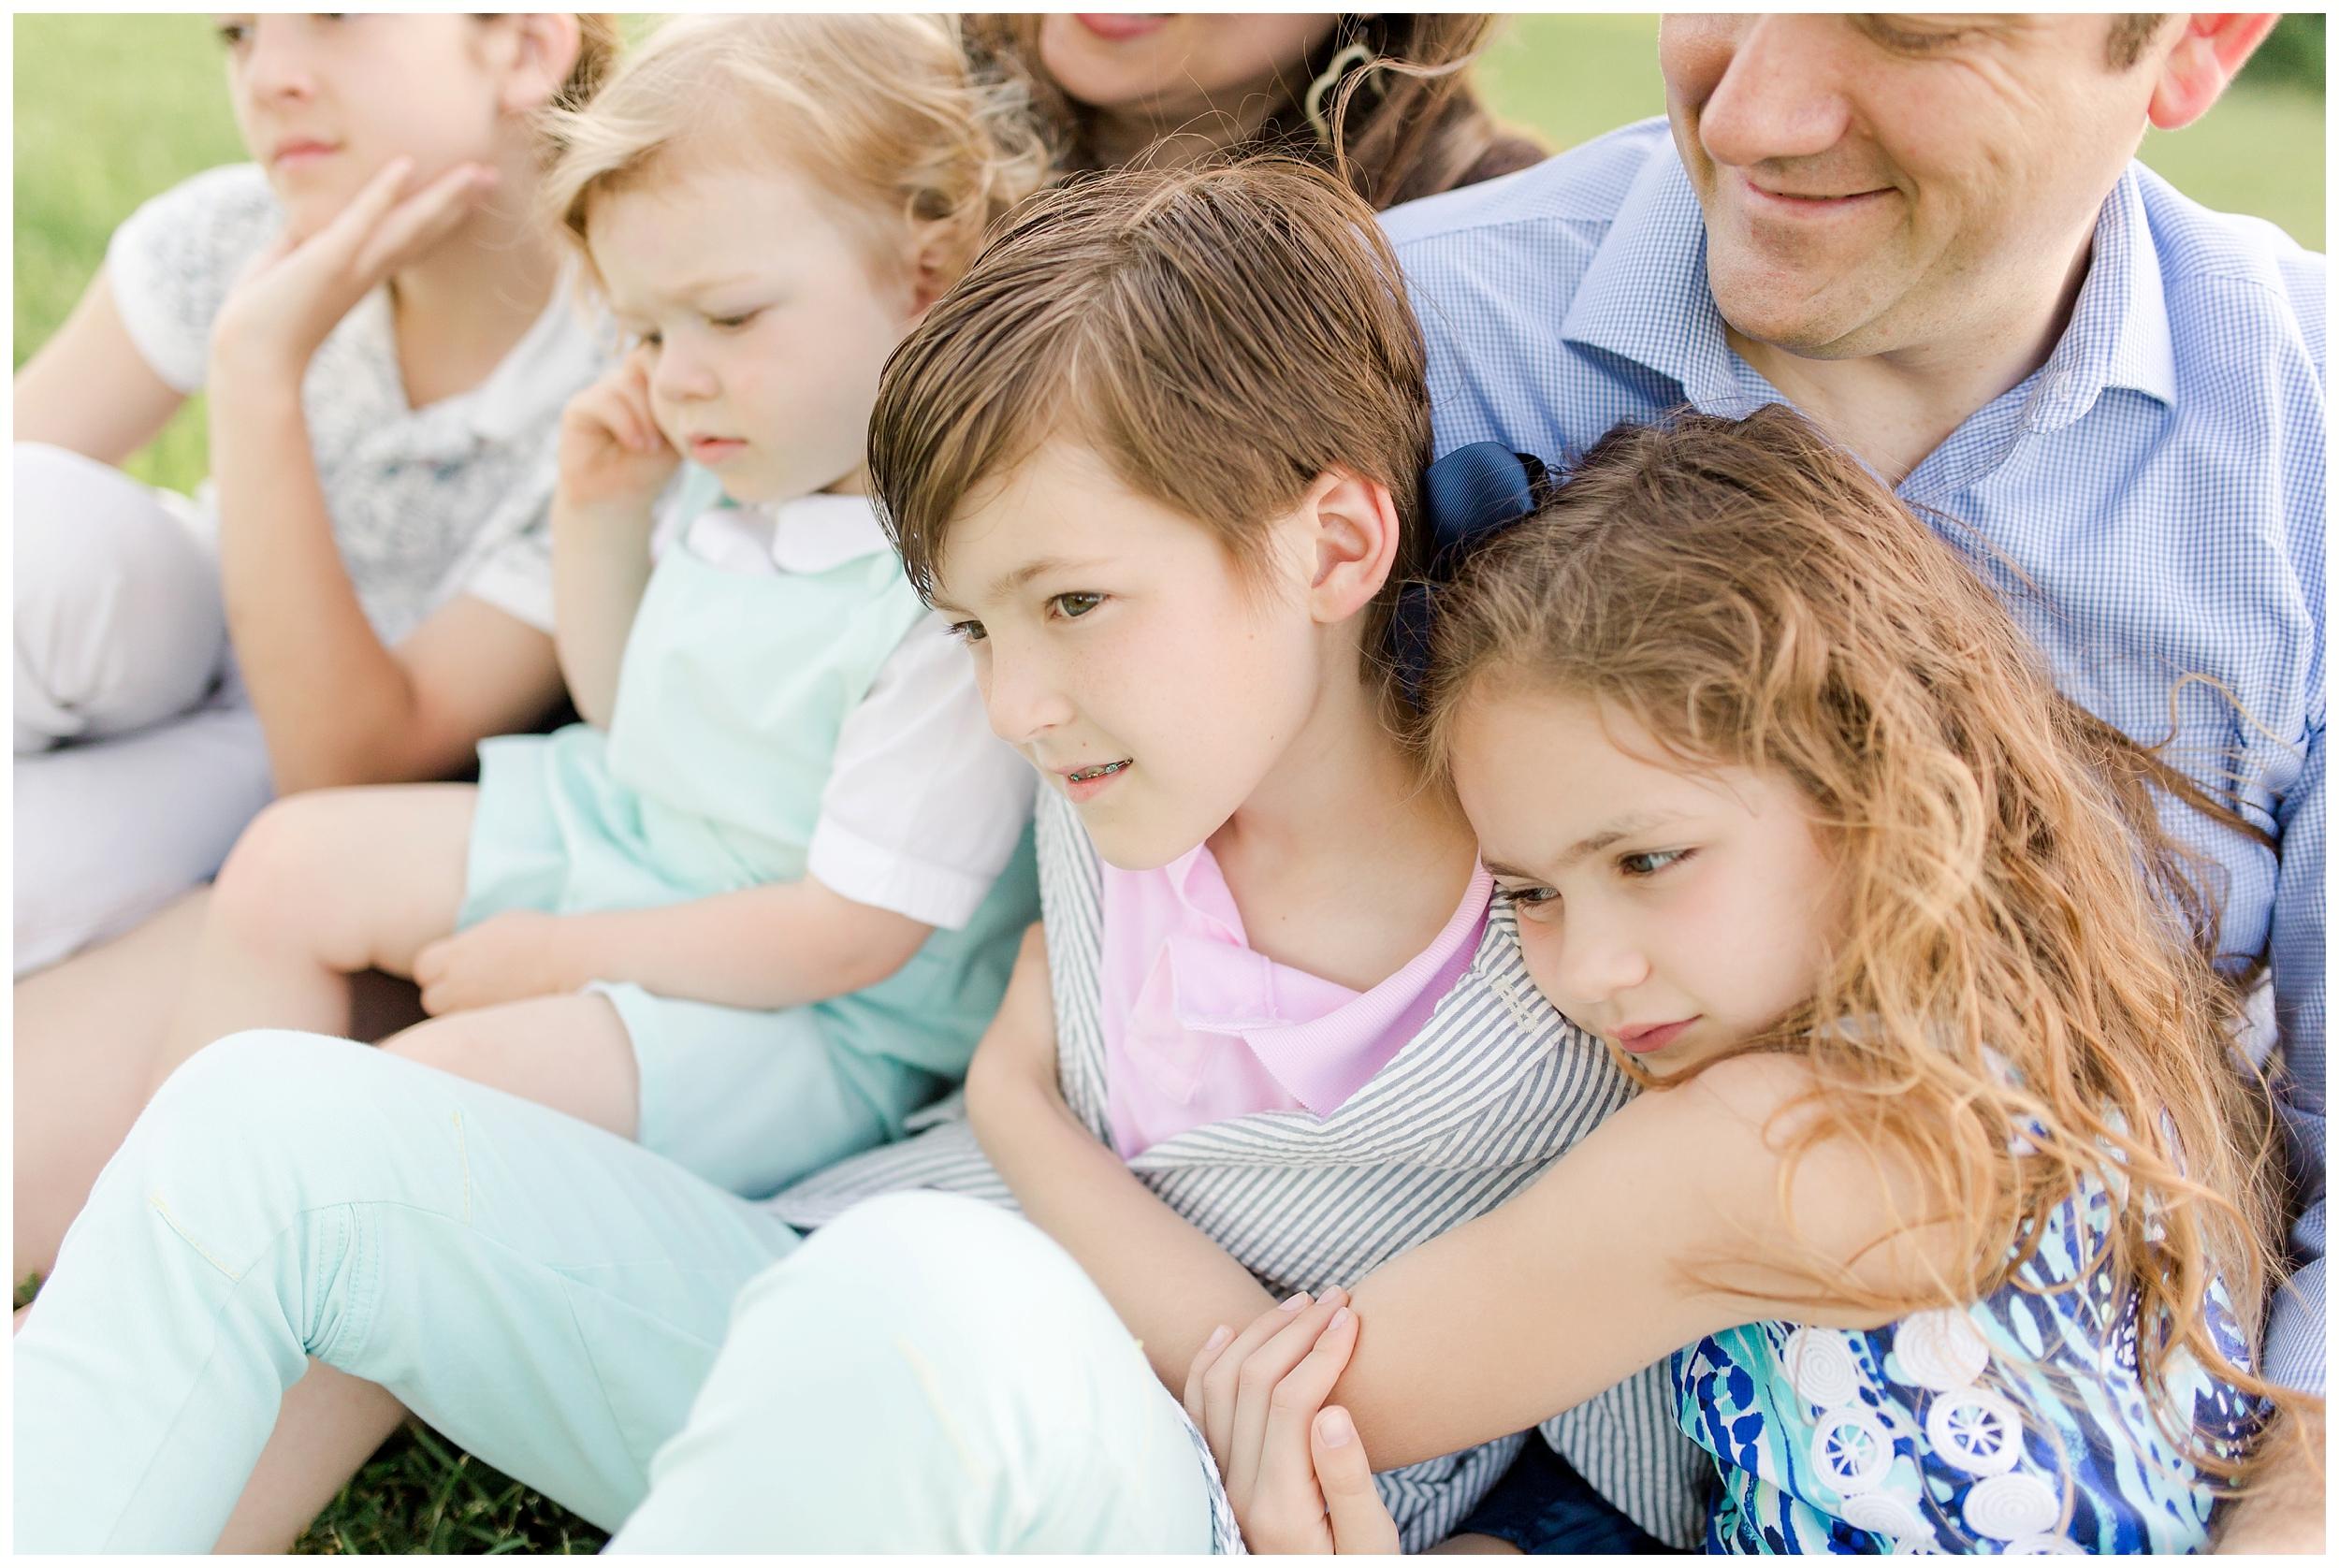 lexington-ky-family-lifestyle-photos-by-priscilla-baierlein_1202.jpg